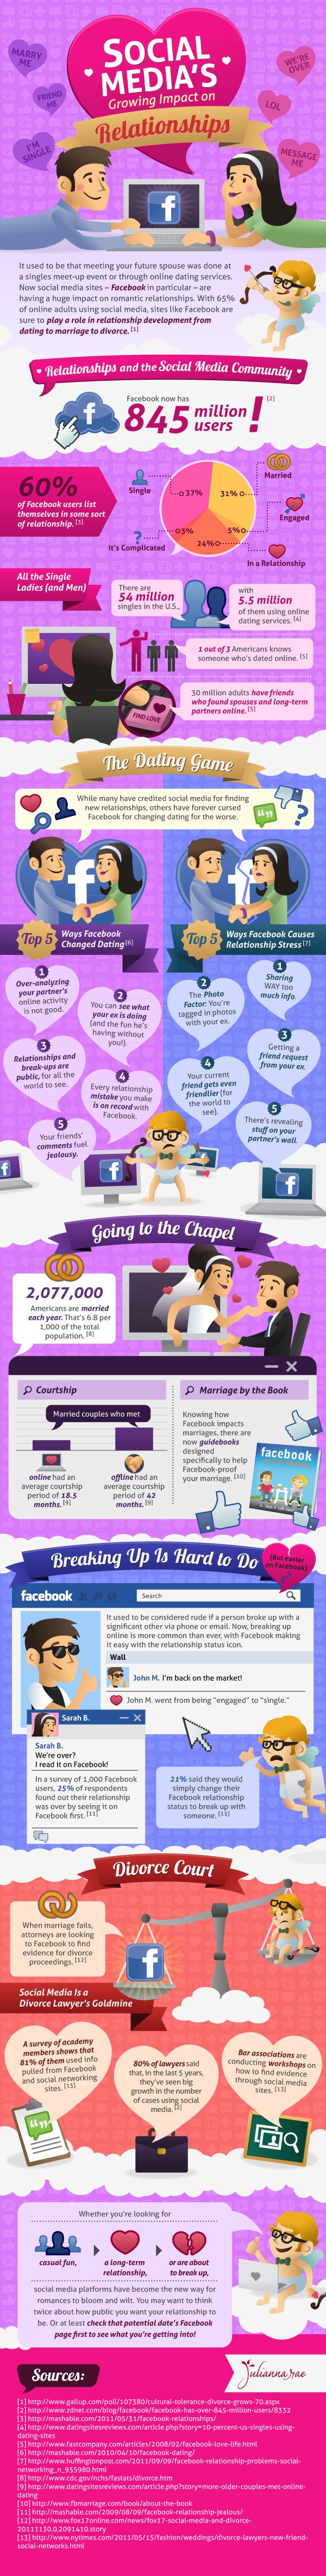 Impacto del Social Media en las relaciones (instagram)